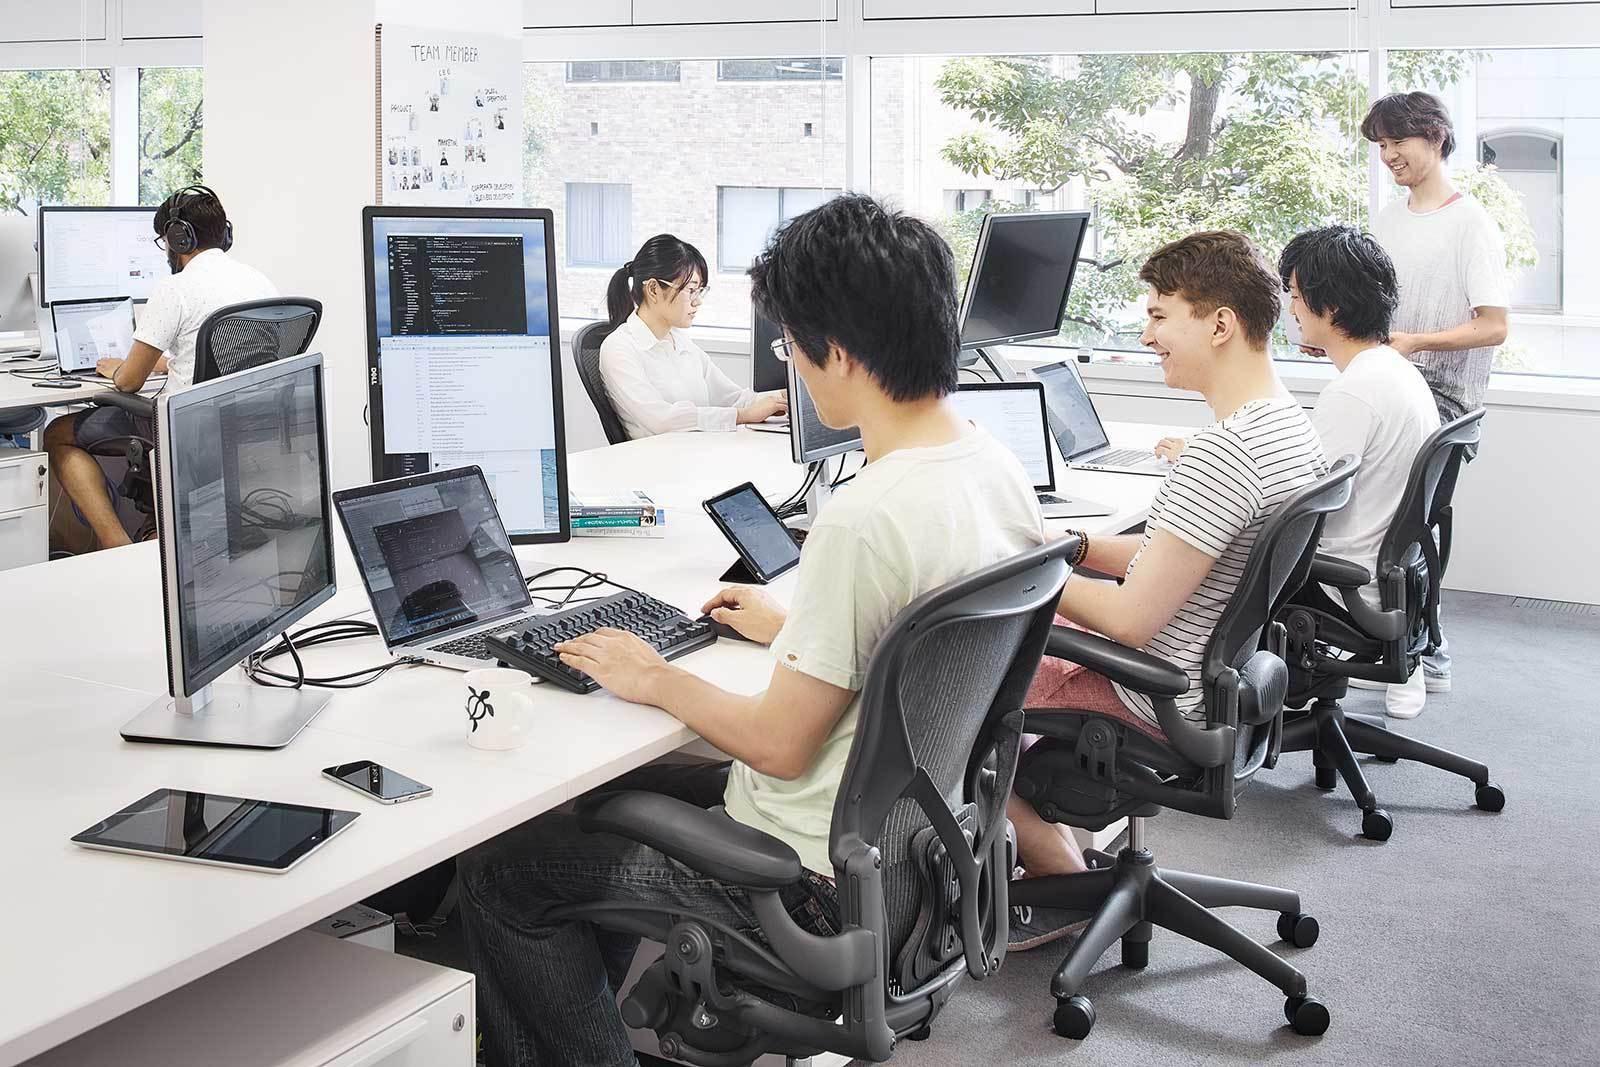 株式会社Origami・今大注目のFintechで世界を変える挑戦中!インターナショナルなメンバーと共に開発に携わるプロダクトマネージャー!